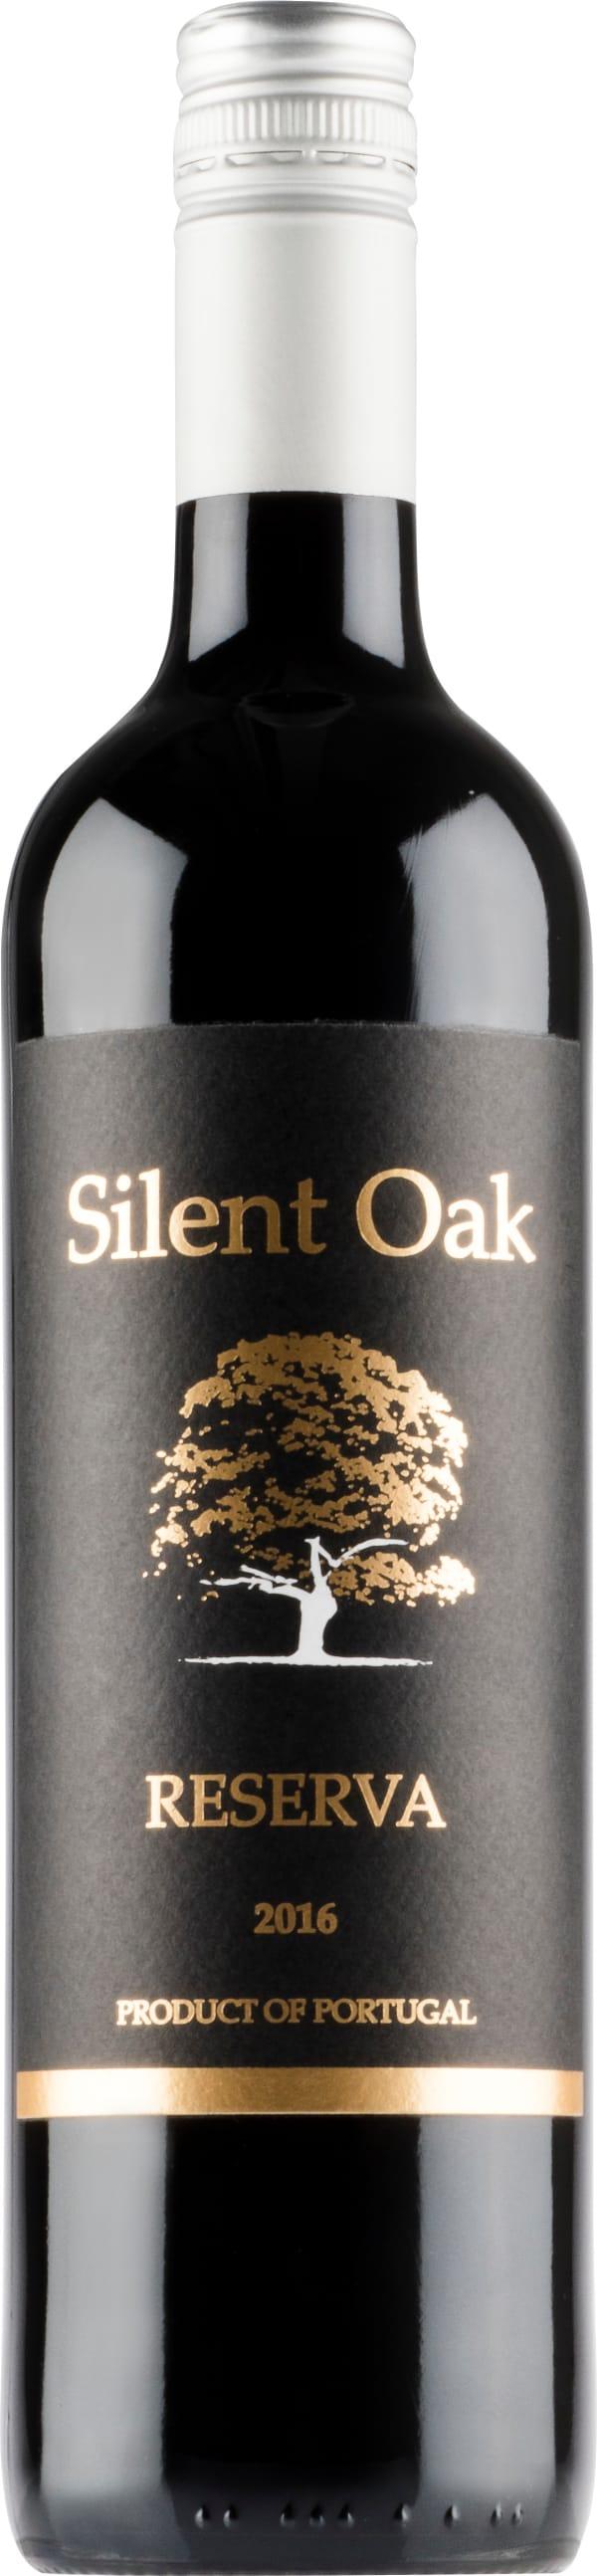 Silent Oak Reserva 2017